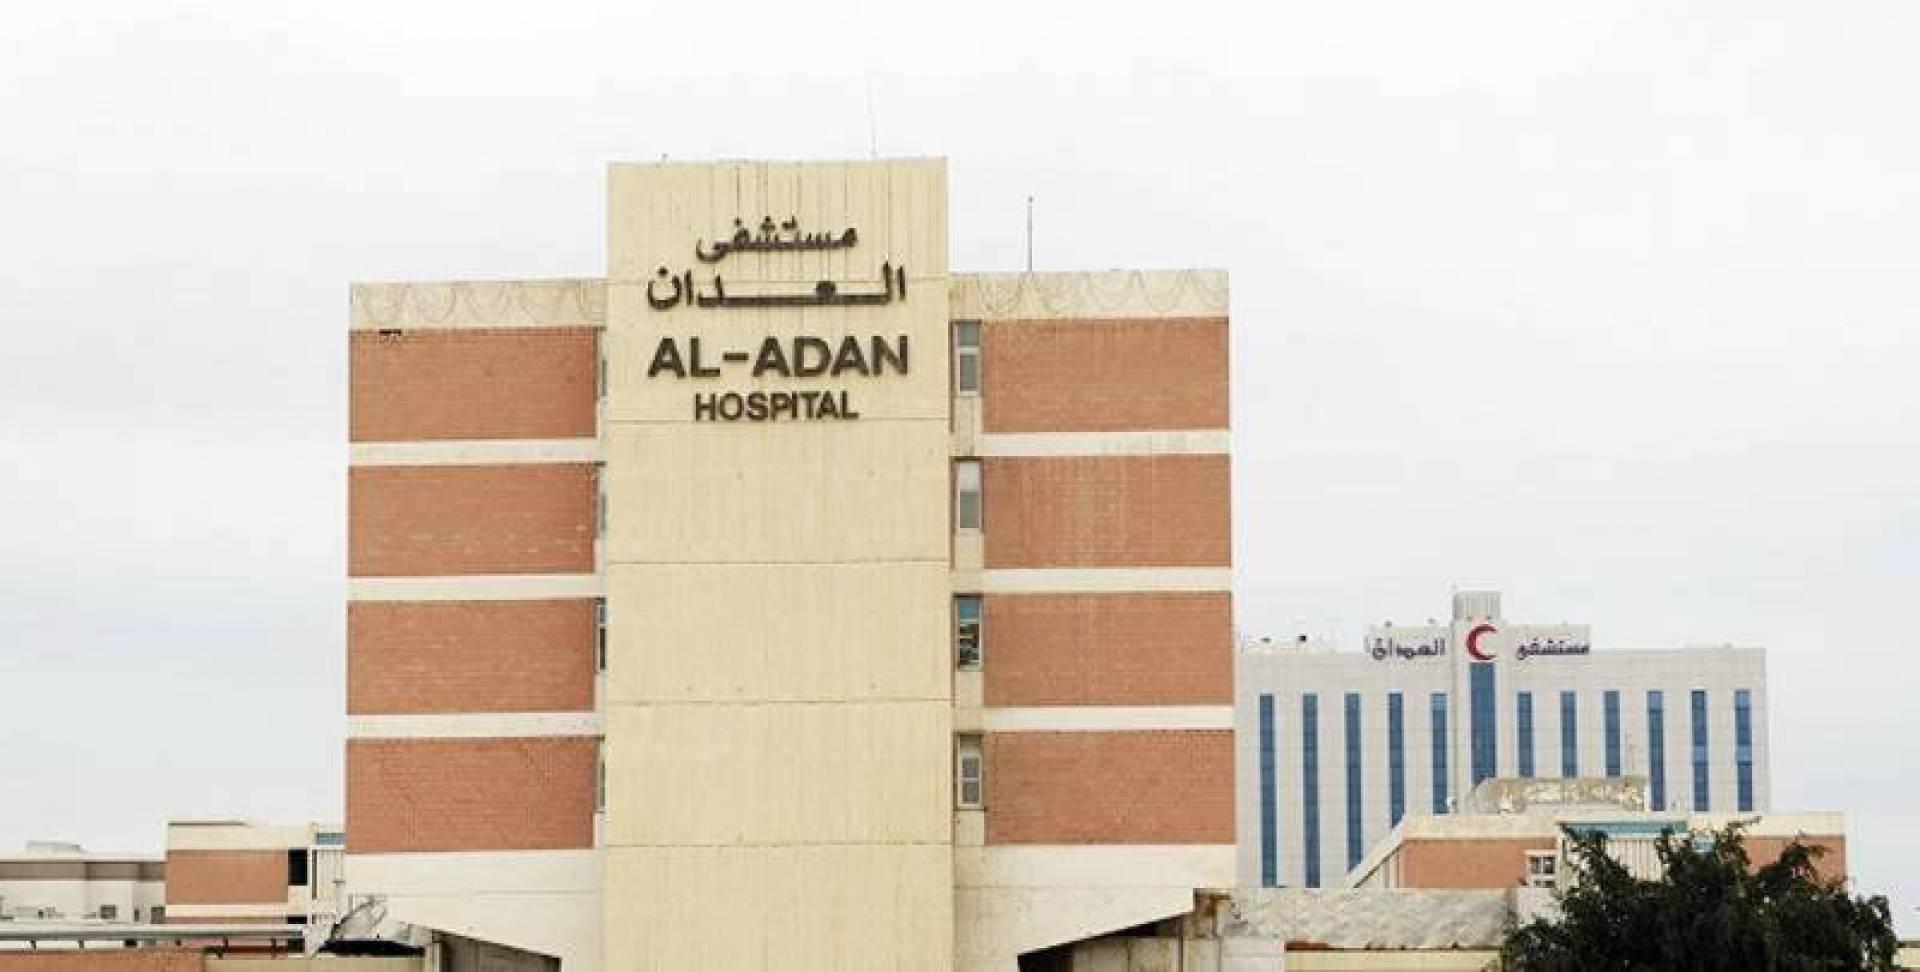 قضية إبلاغ مواطن بوفاة طفليه بالخطأ: التحقيق مع 8 أطباء في «العدان»